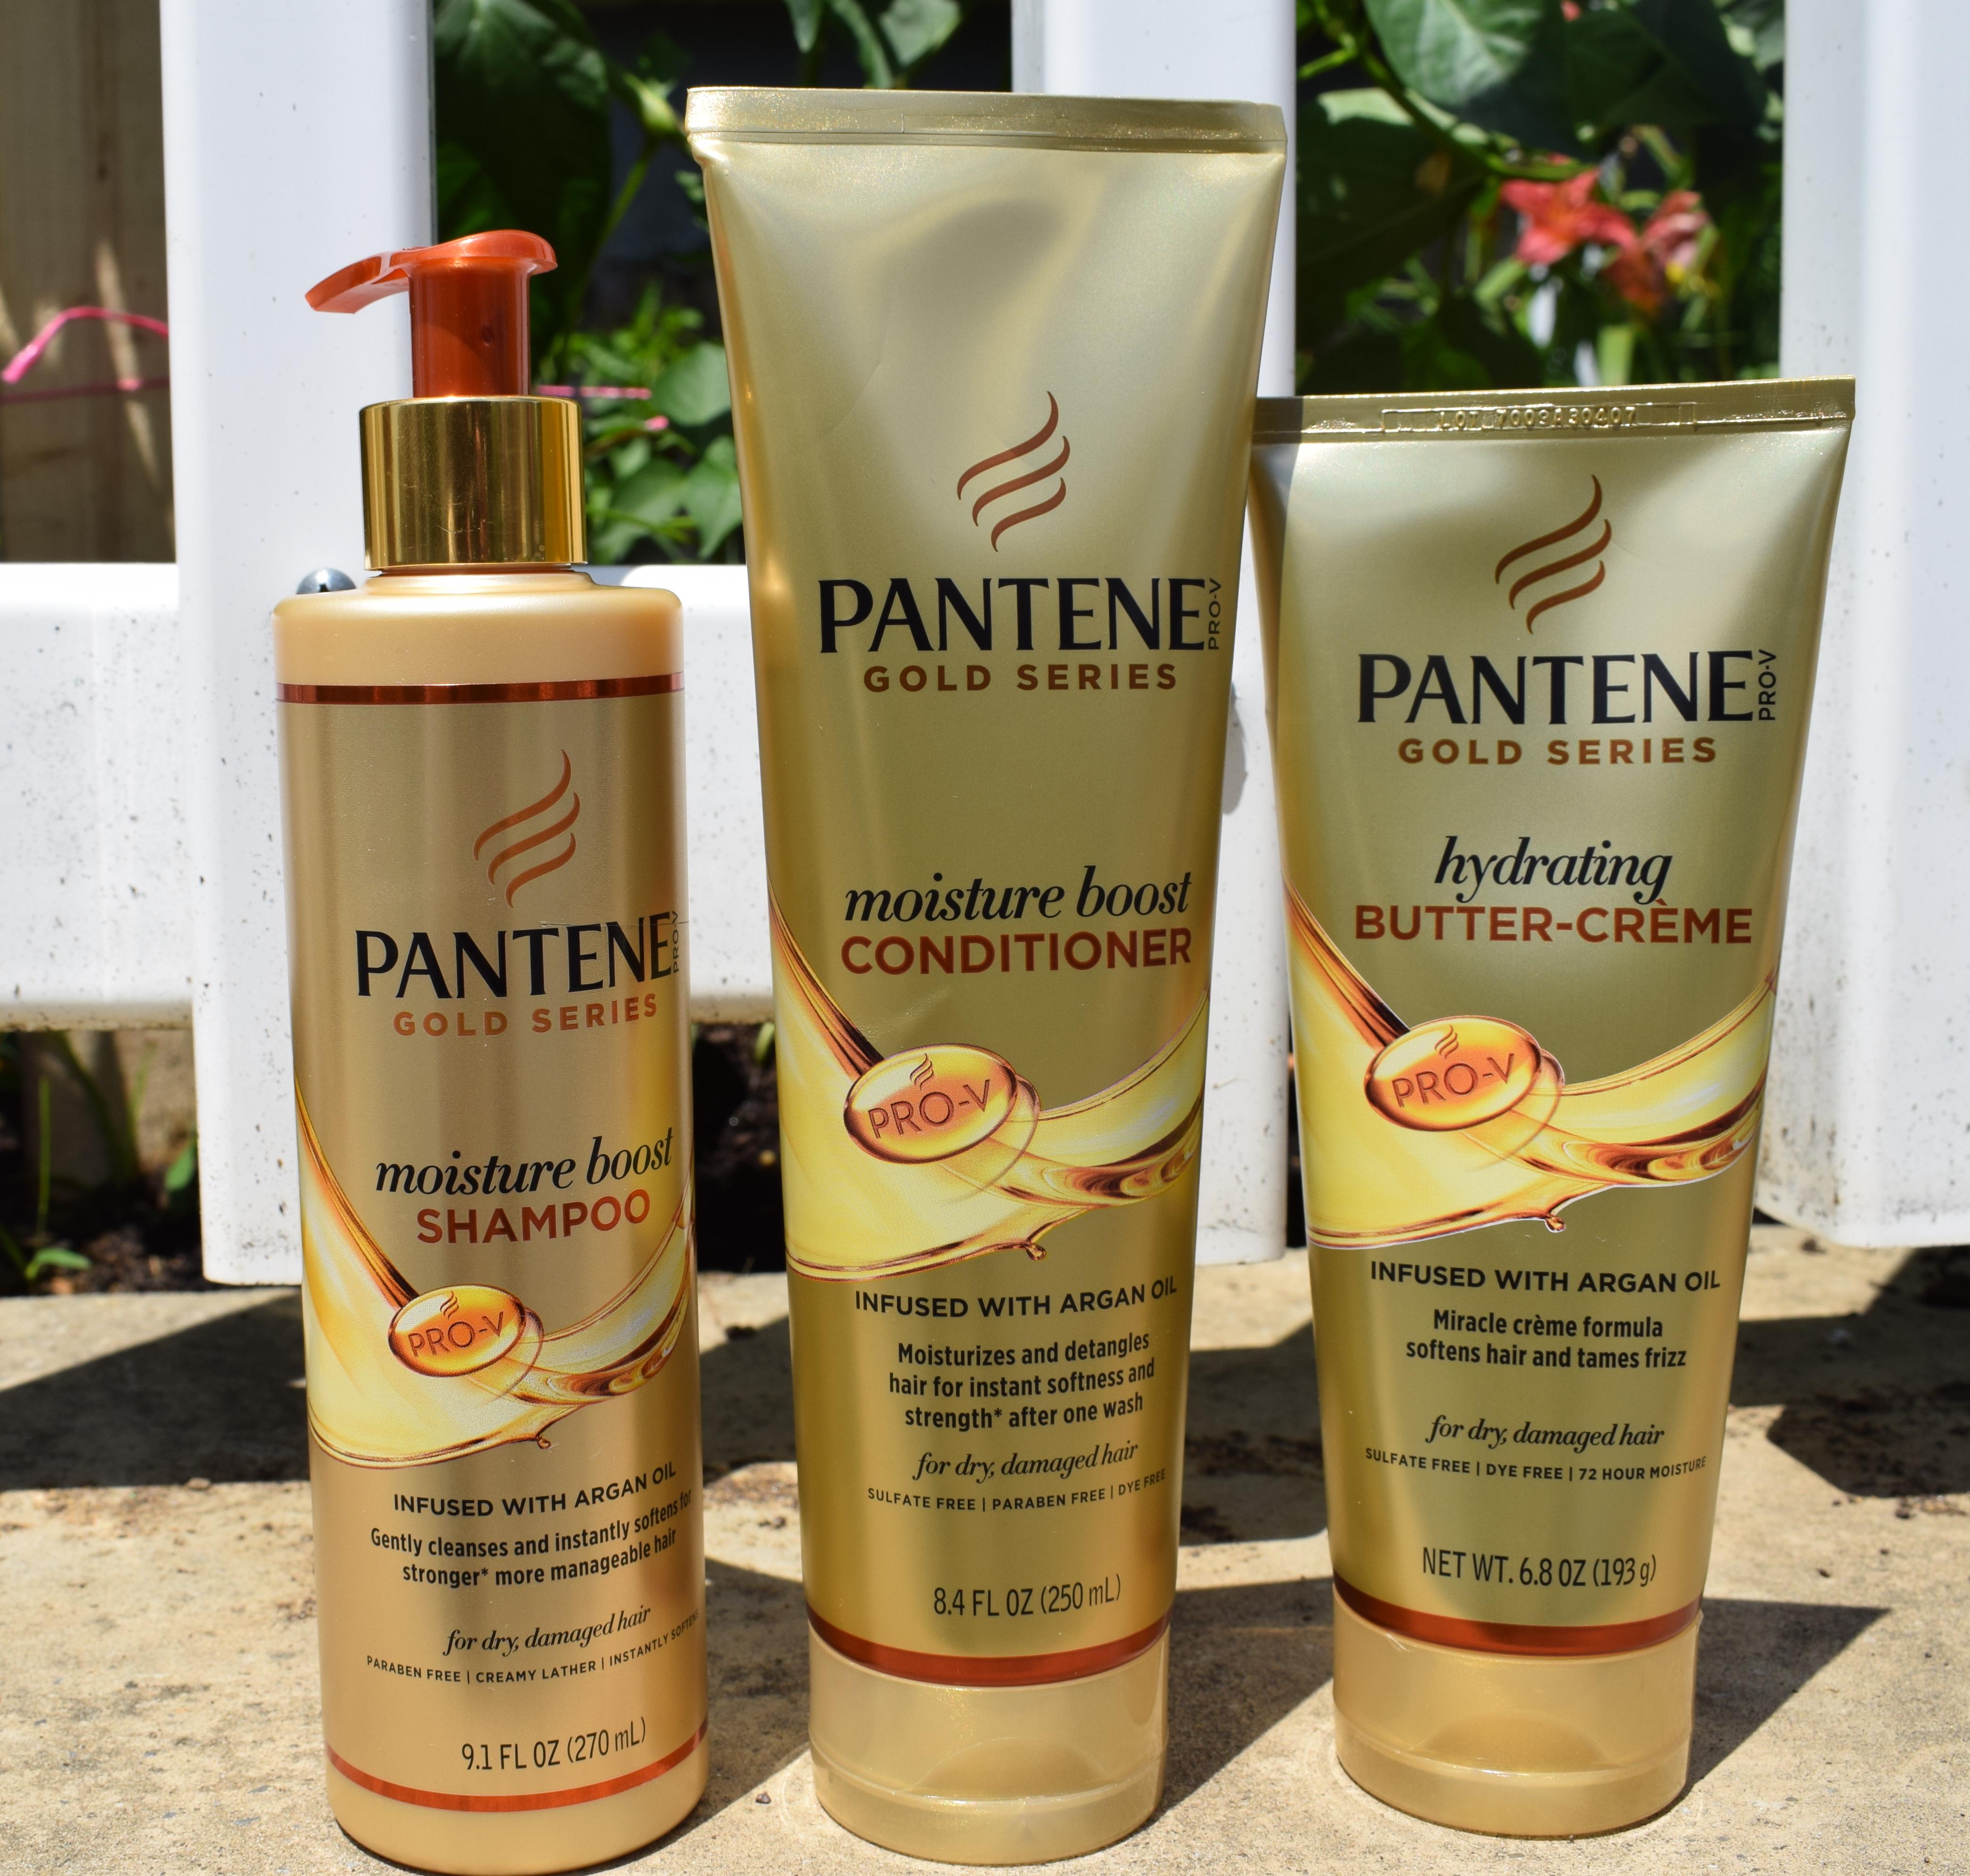 Pantene Pro-V Gold Series VoxBox